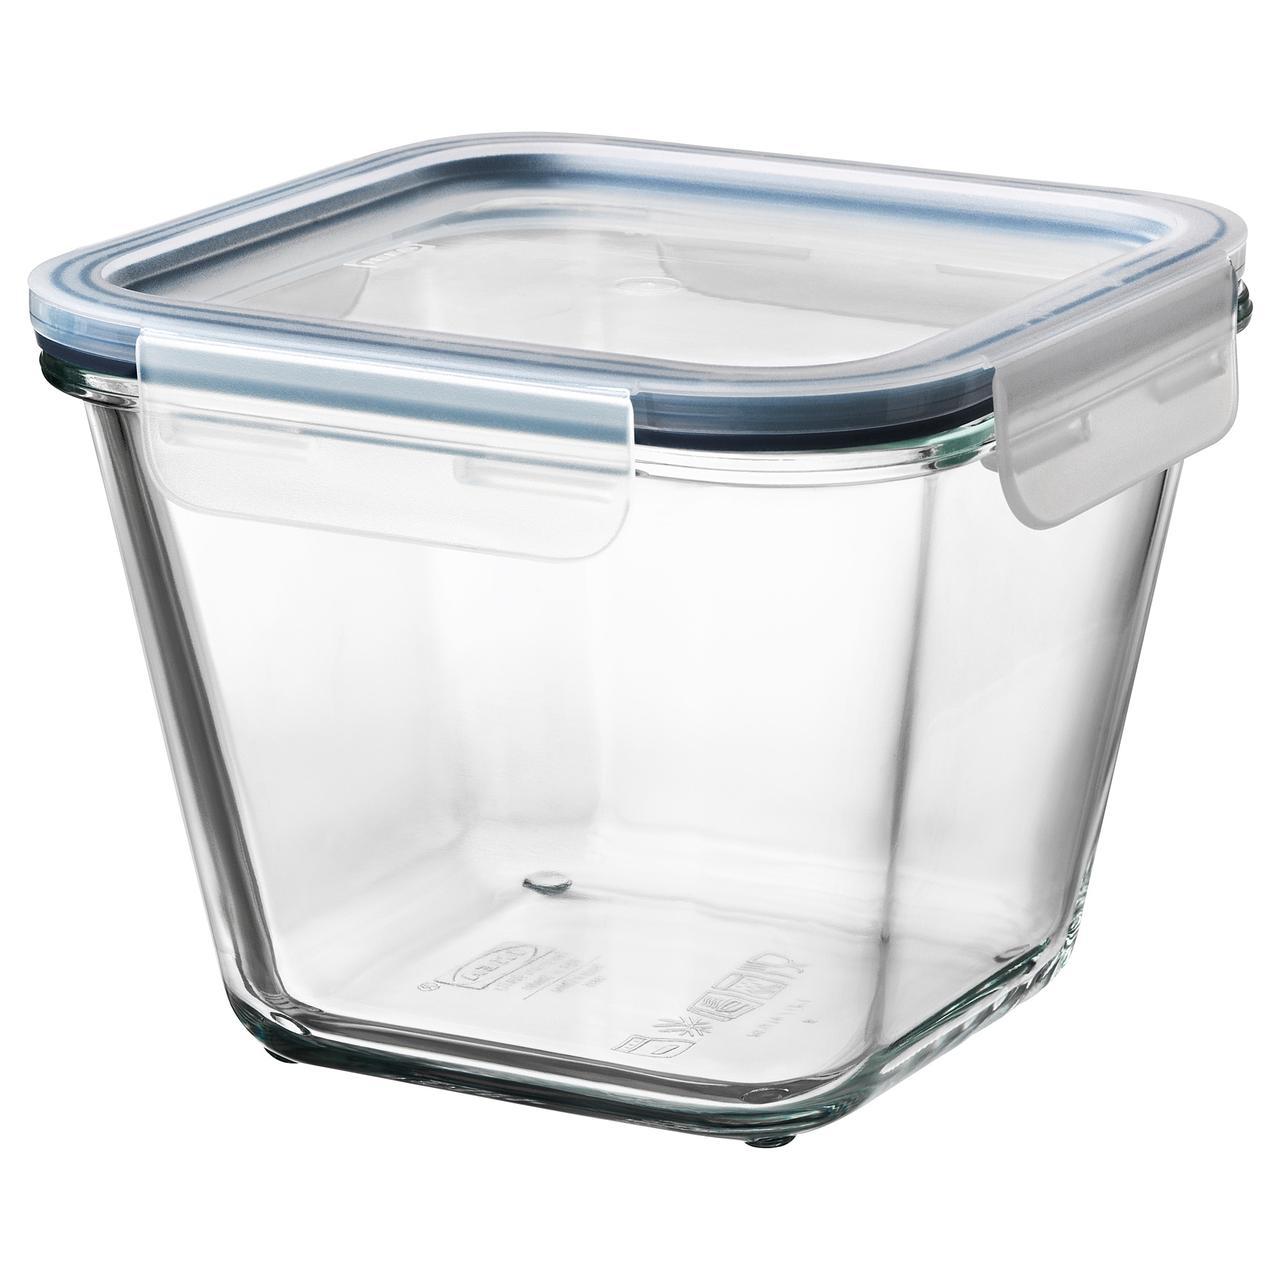 """IKEA """"ИКЕА/365+"""" Контейнер для продуктов с крышкой, четырехугольной формы стекло, стекло пластик, 1,2 л"""